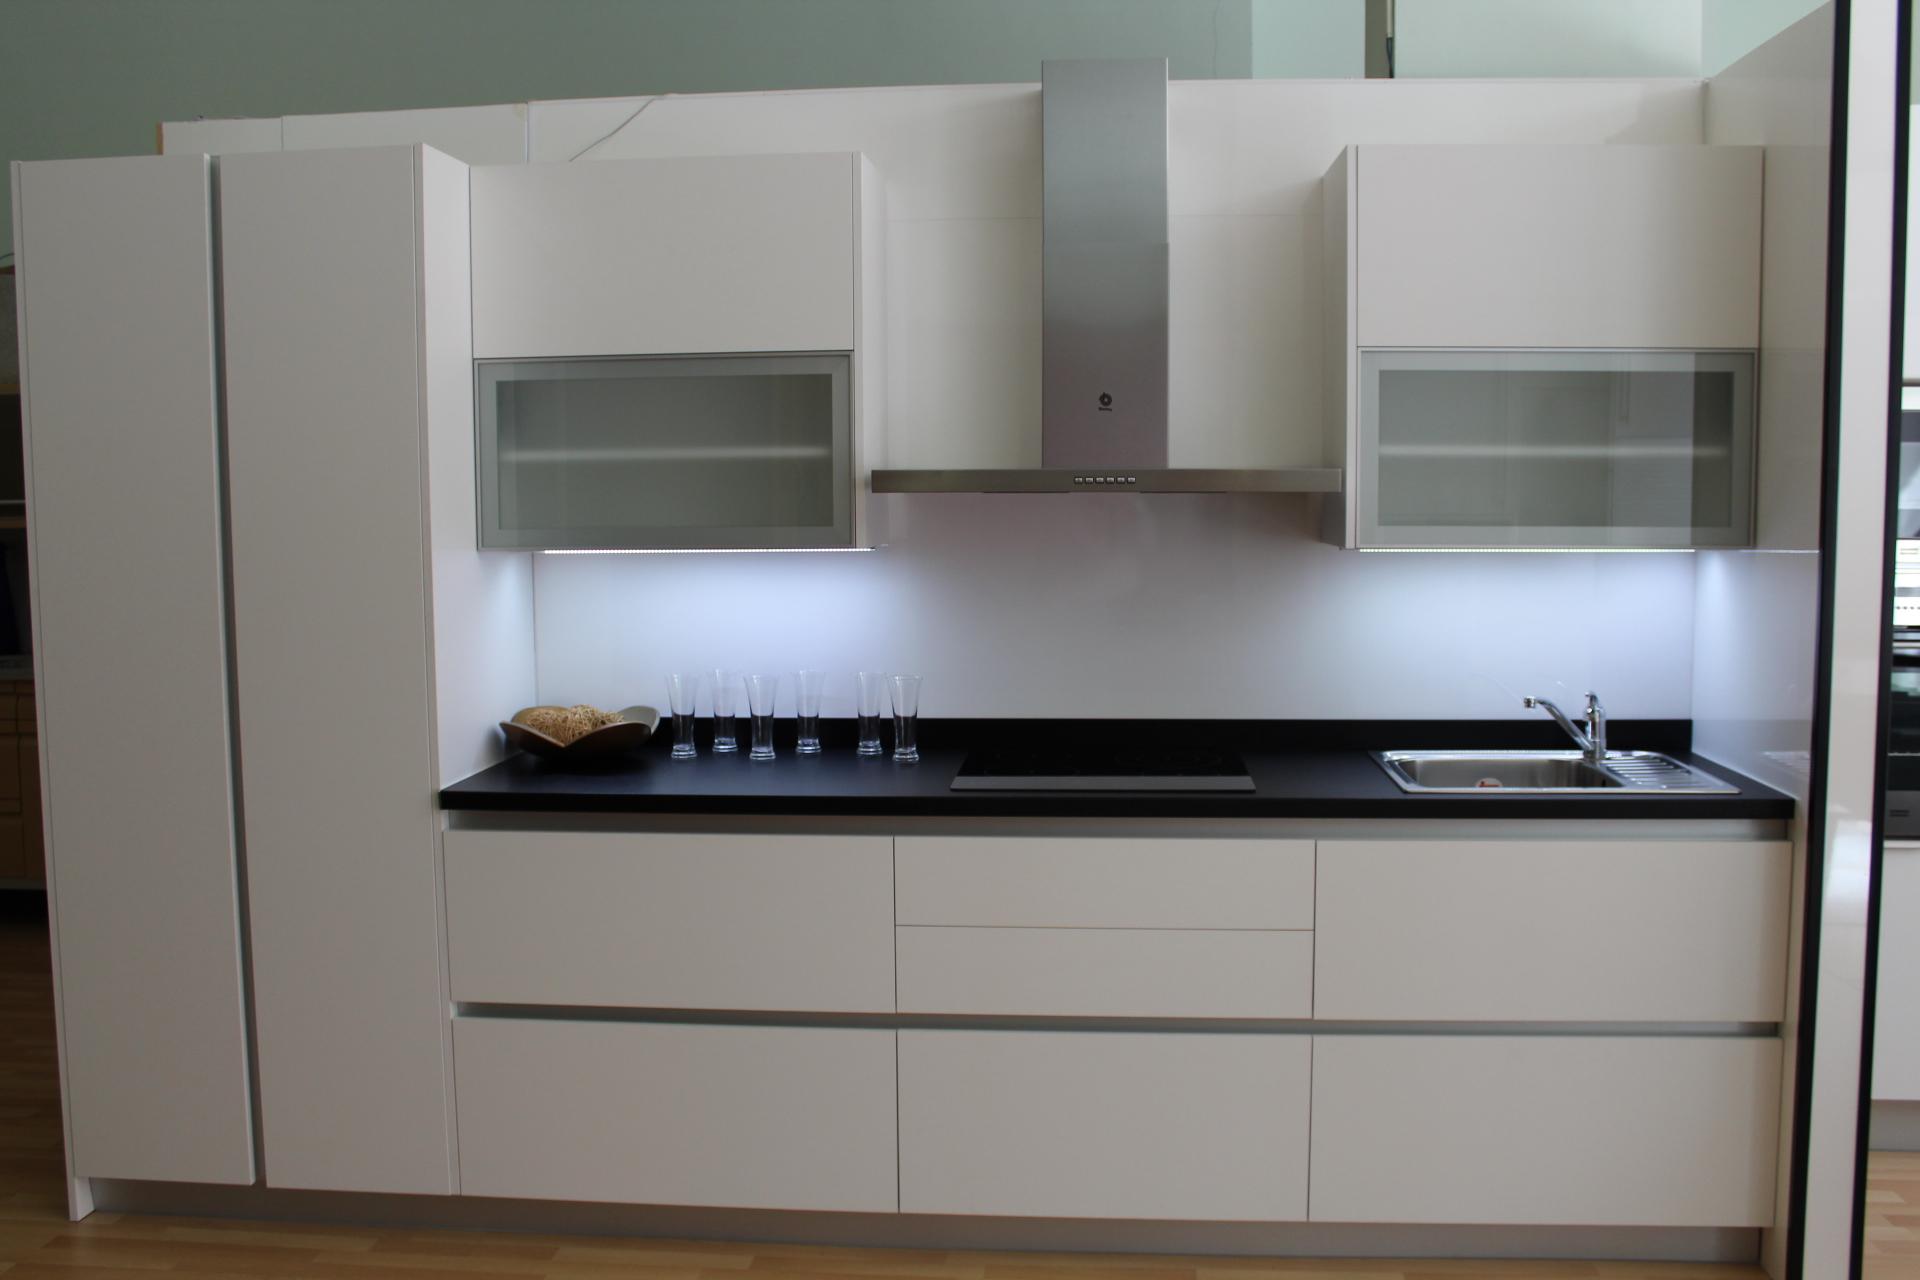 Cocina cocina modelo ibiza cocinas inteco for Ofertas cocinas completas